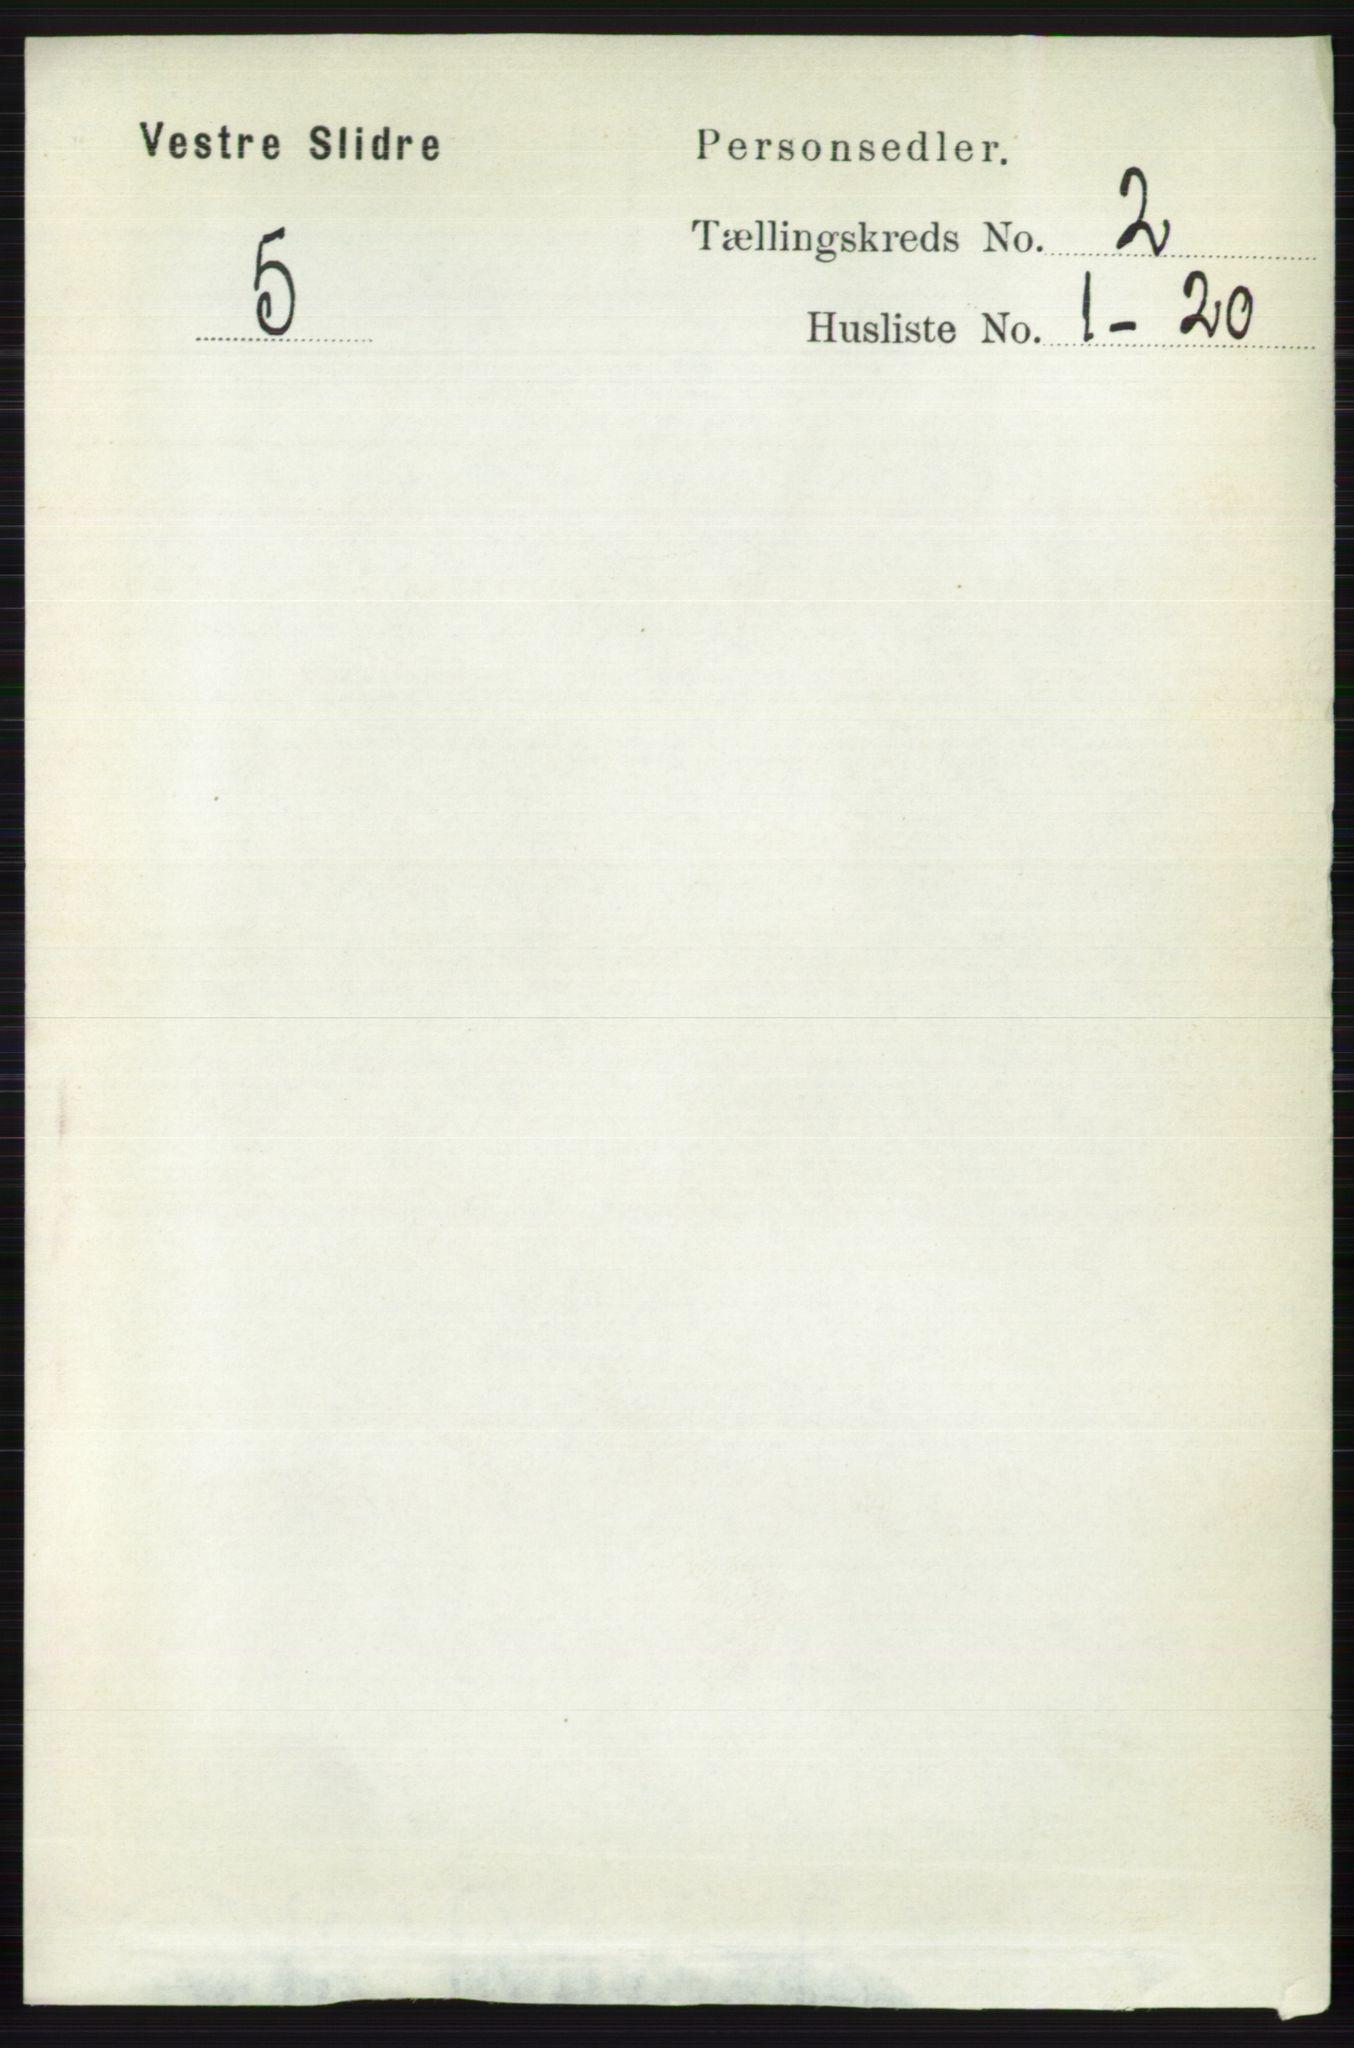 RA, Folketelling 1891 for 0543 Vestre Slidre herred, 1891, s. 503